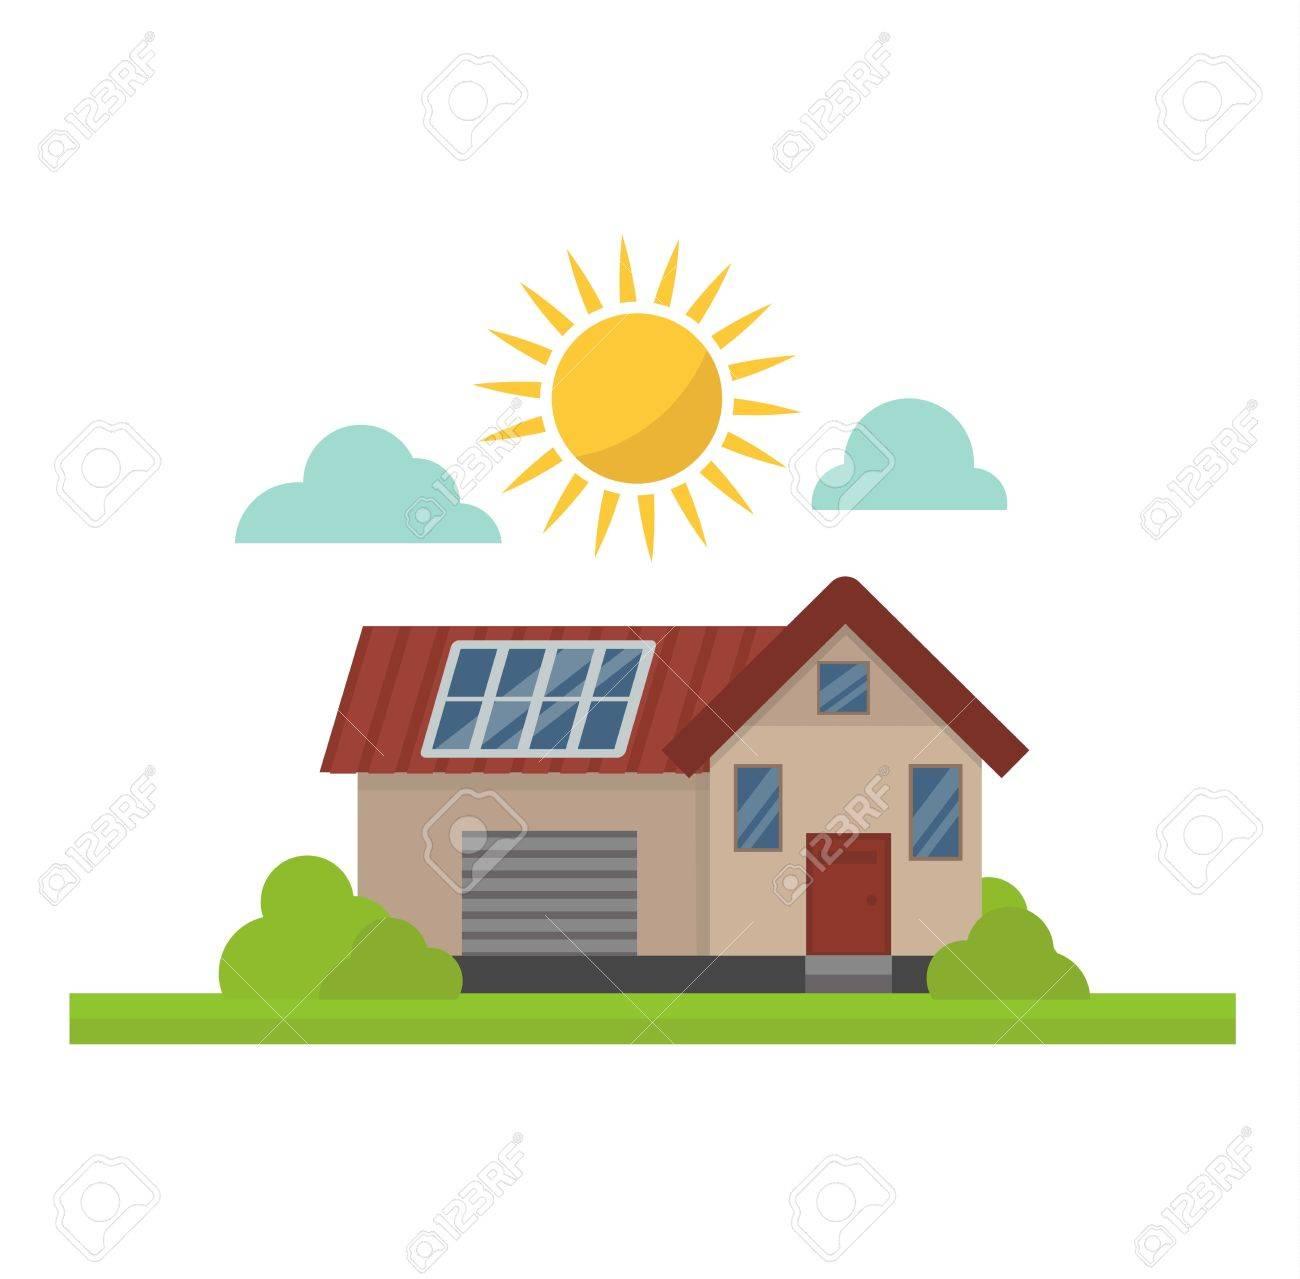 Perfect Standard Bild   Vektor Sonne Sonnenenergie Symbol. Sonne  Sonnenenergiesymbole Elektrizitätstechnologie Haus Erneuerbare Ökologie.